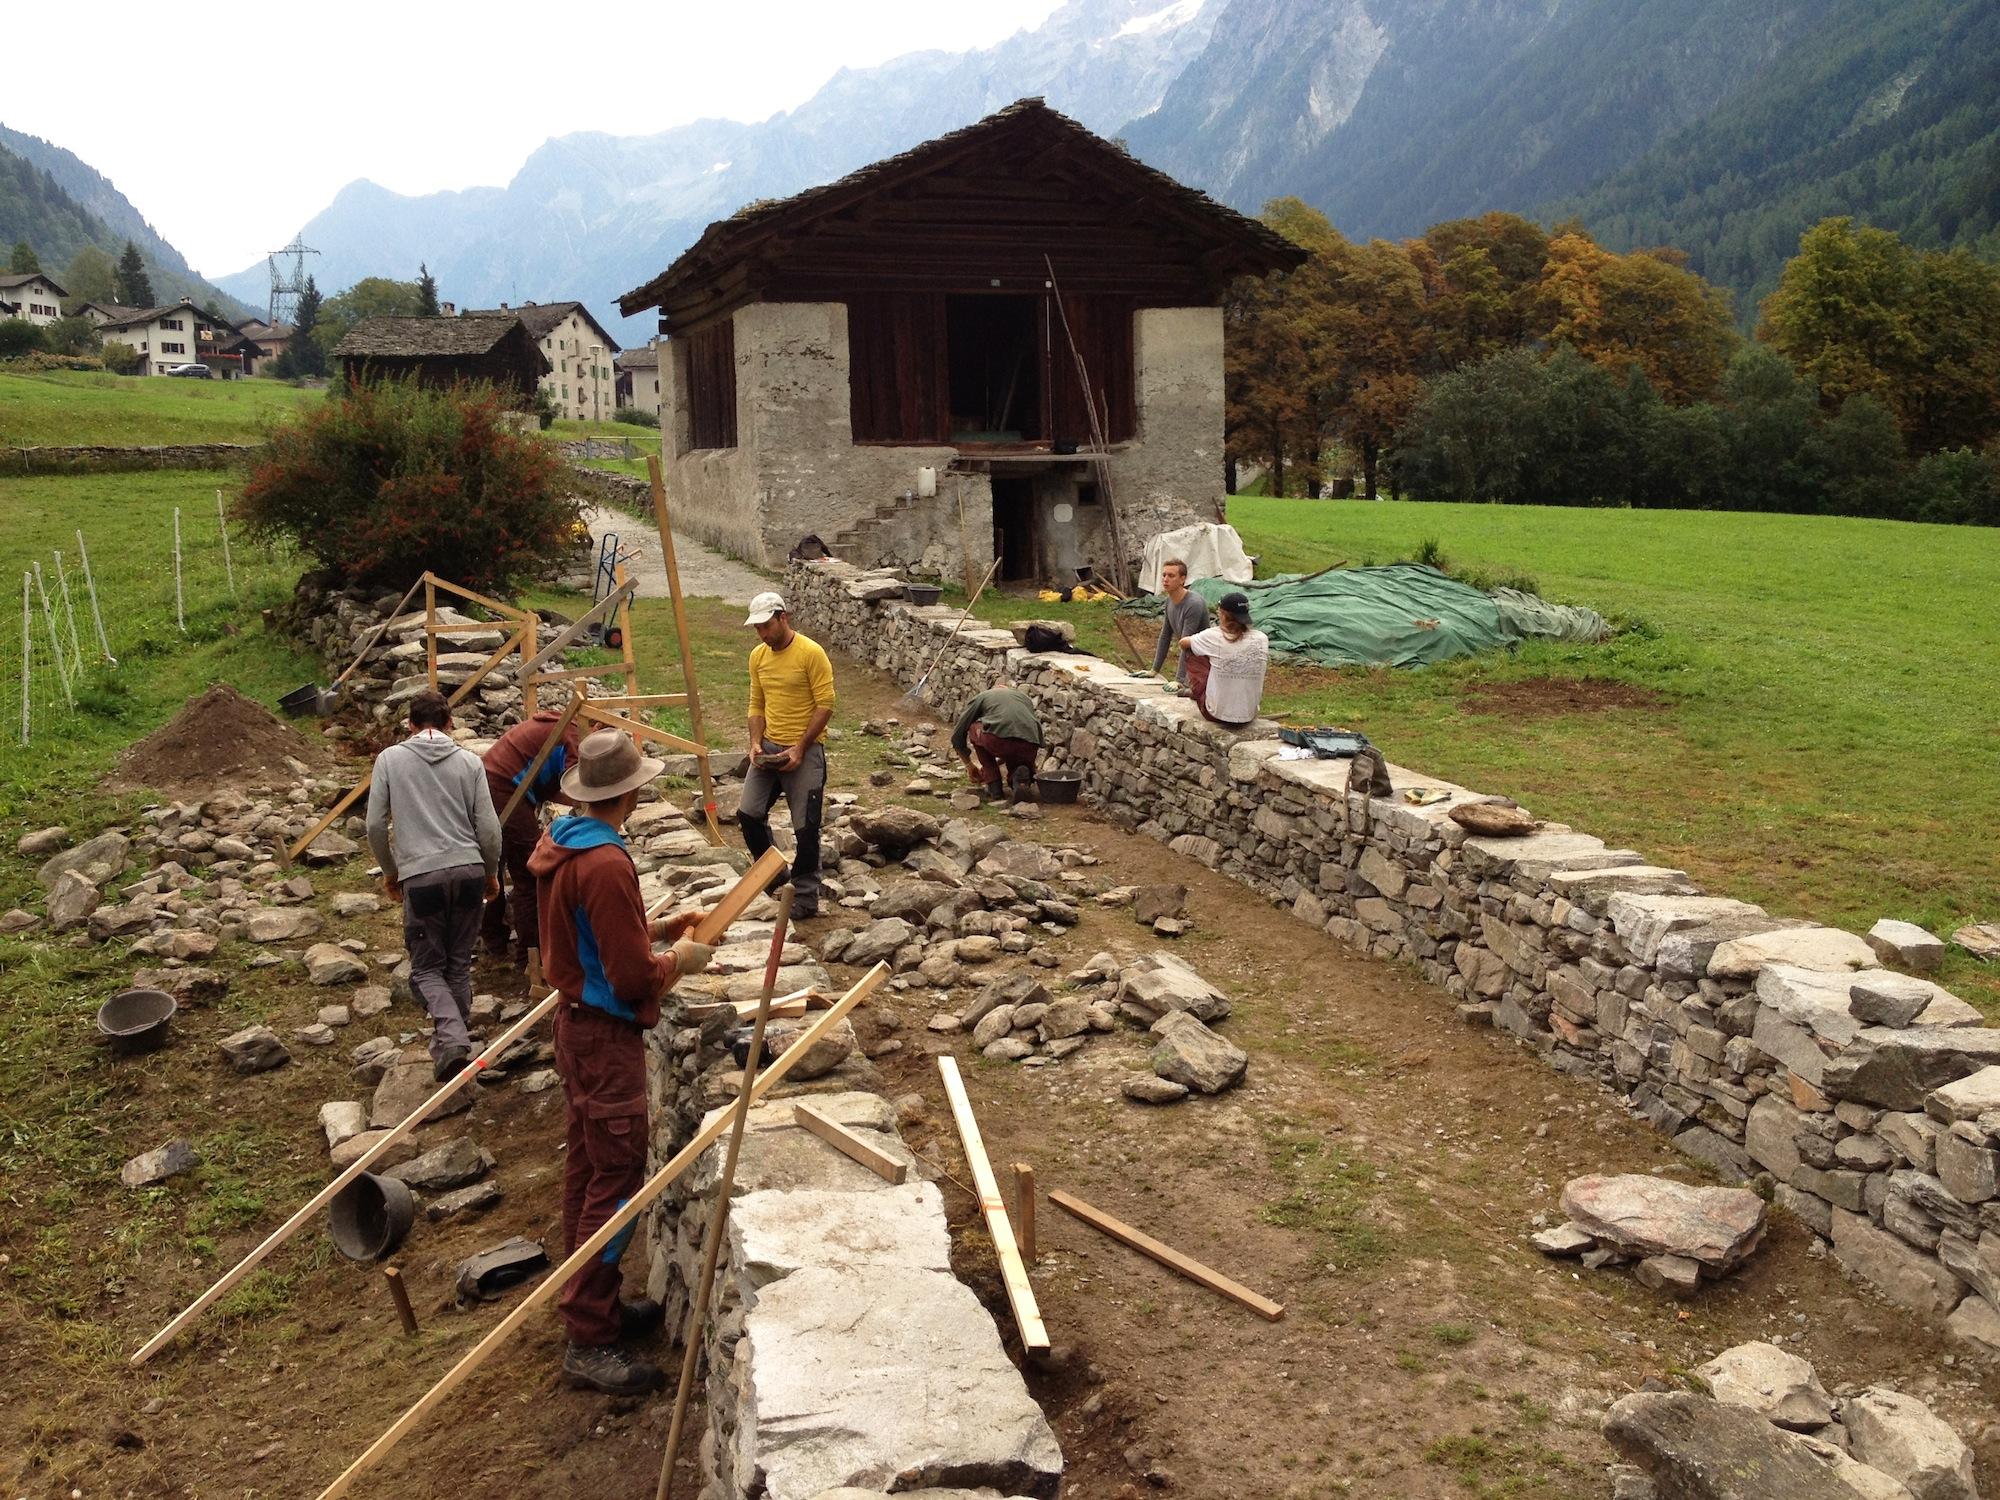 Die beiden Mauern wurden mit alten vorhandenen und neu zugeführten Steinen aufgebaut.